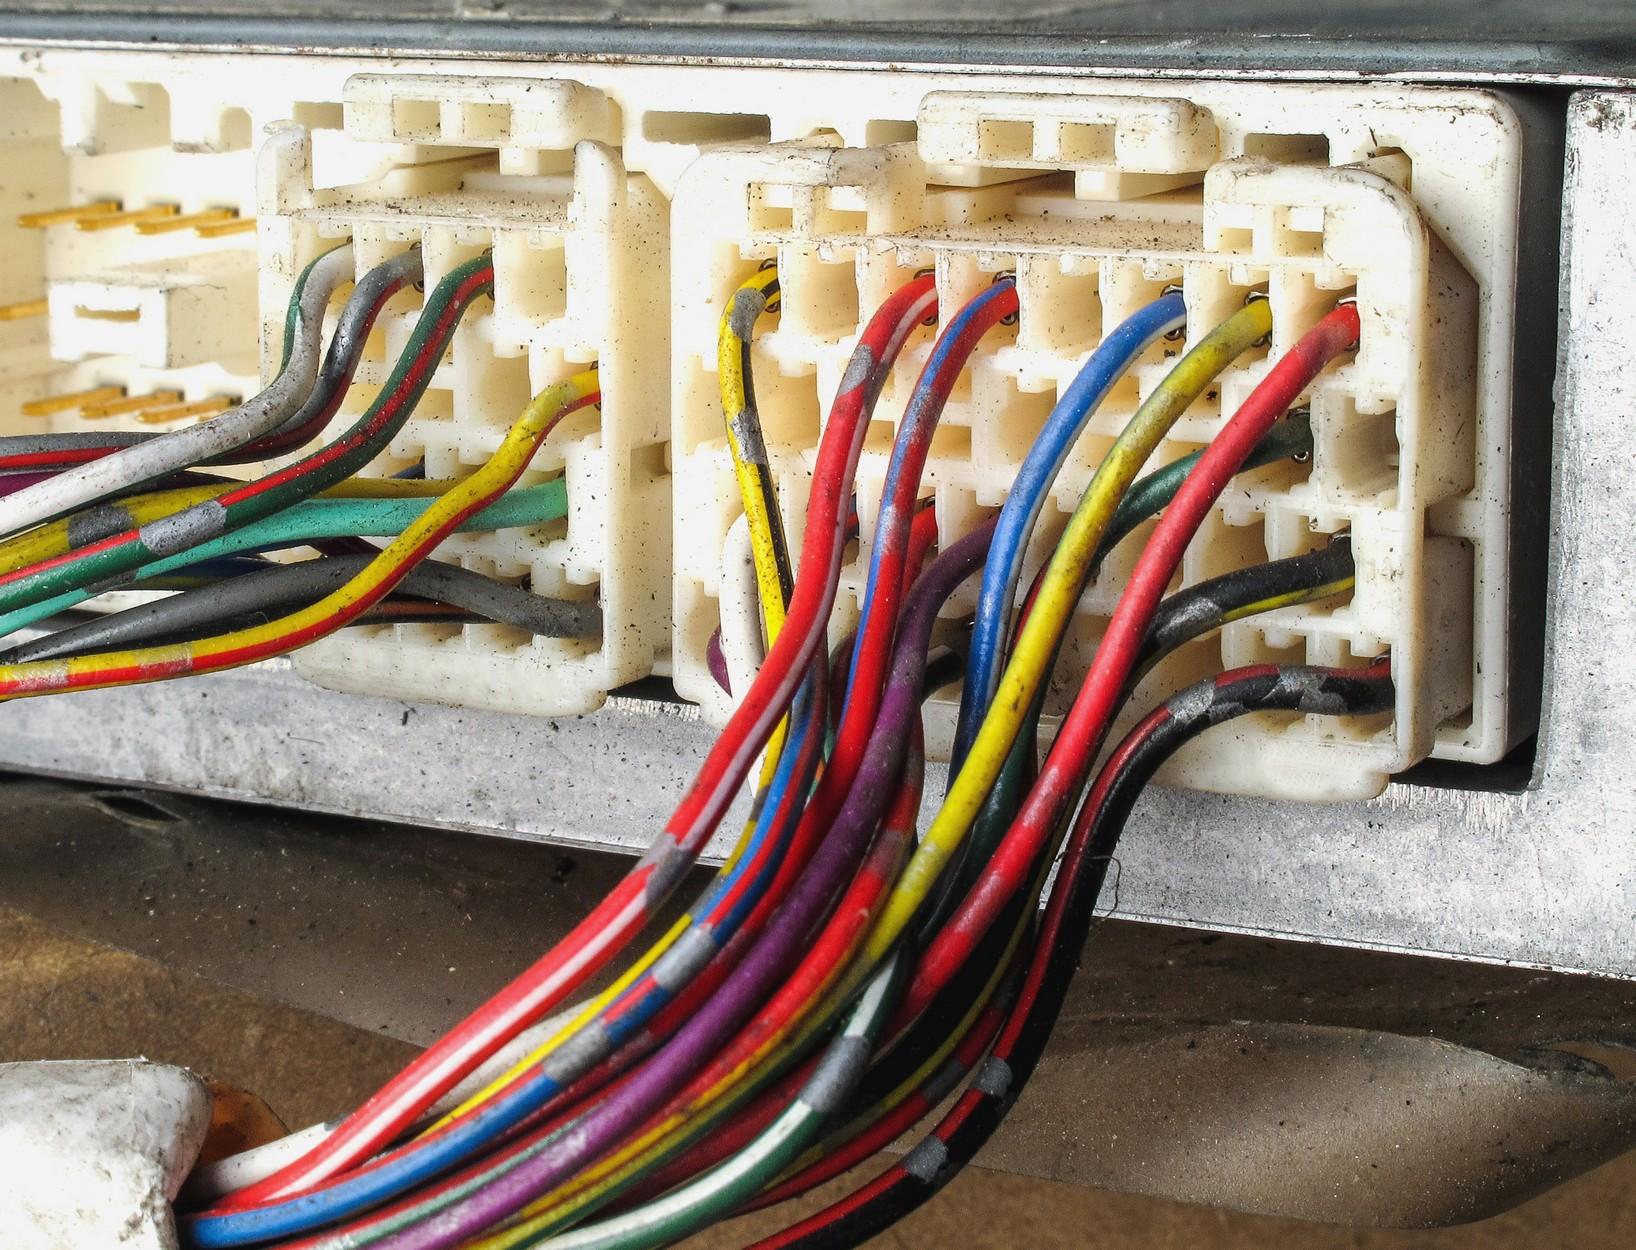 Elektrosicherheit bei Aluminiumleitungen - WEKA MEDIA